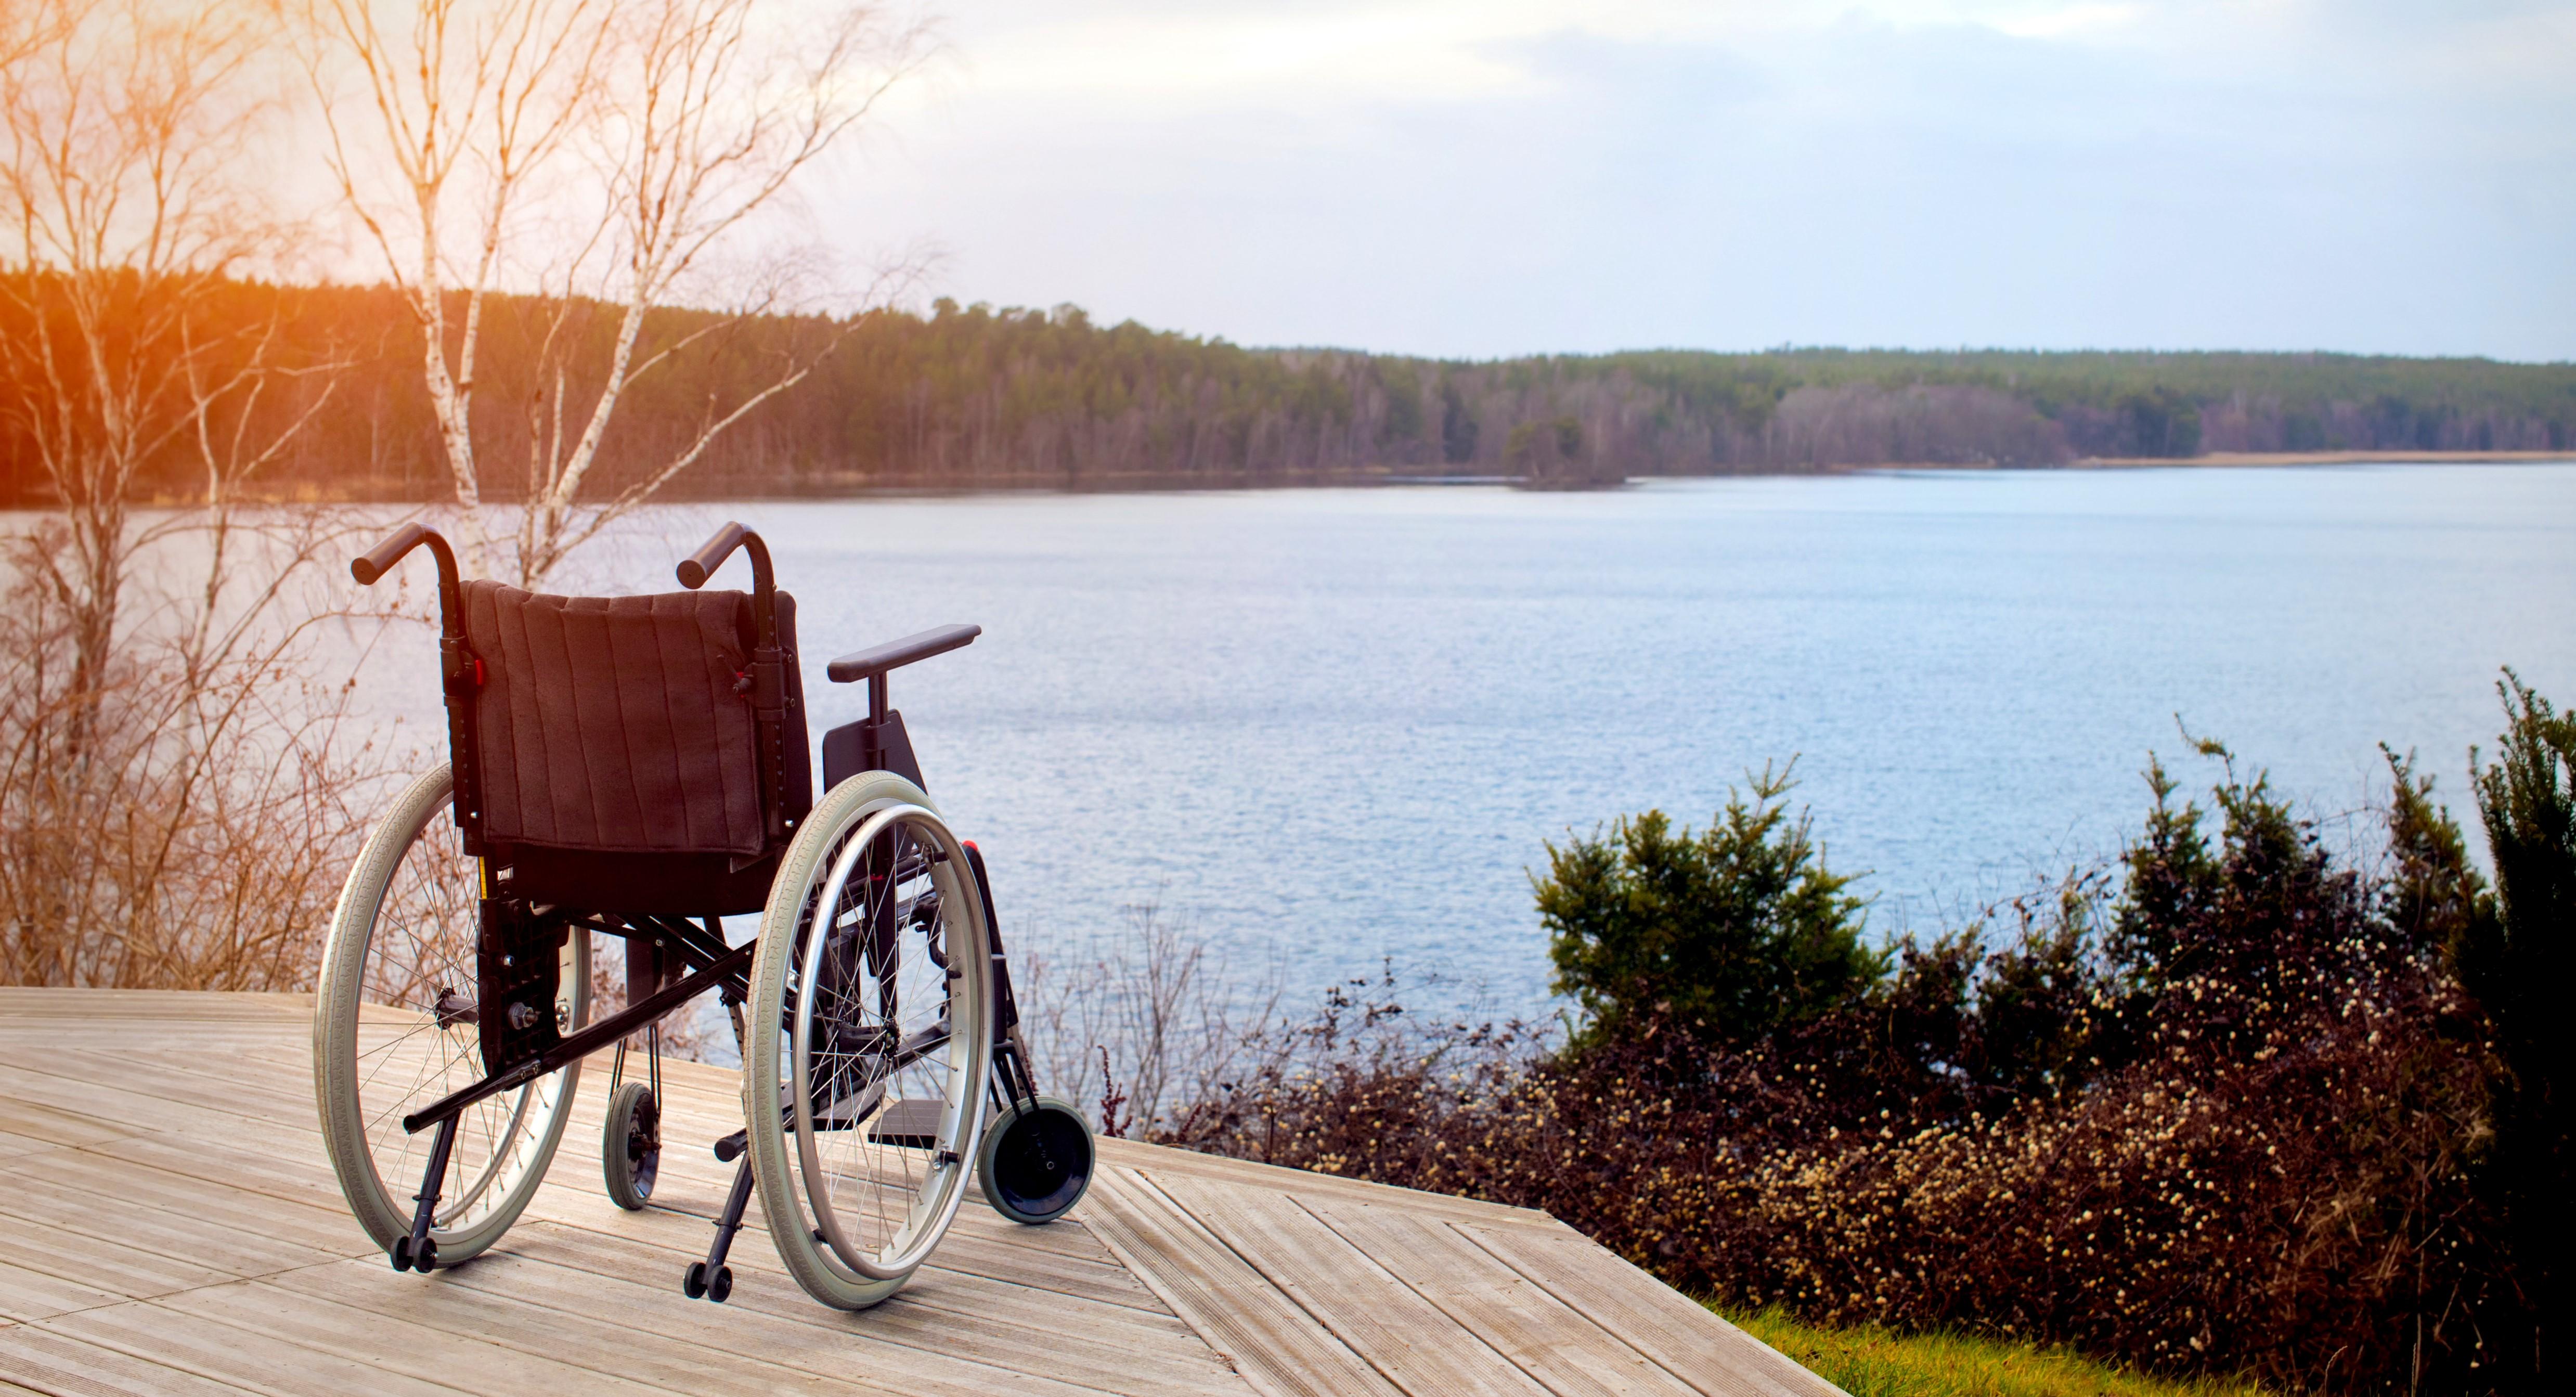 Illustrasjonsbilde erstatningsrett - Bilde av tom rullestol på en platting med utsikt over sjøen